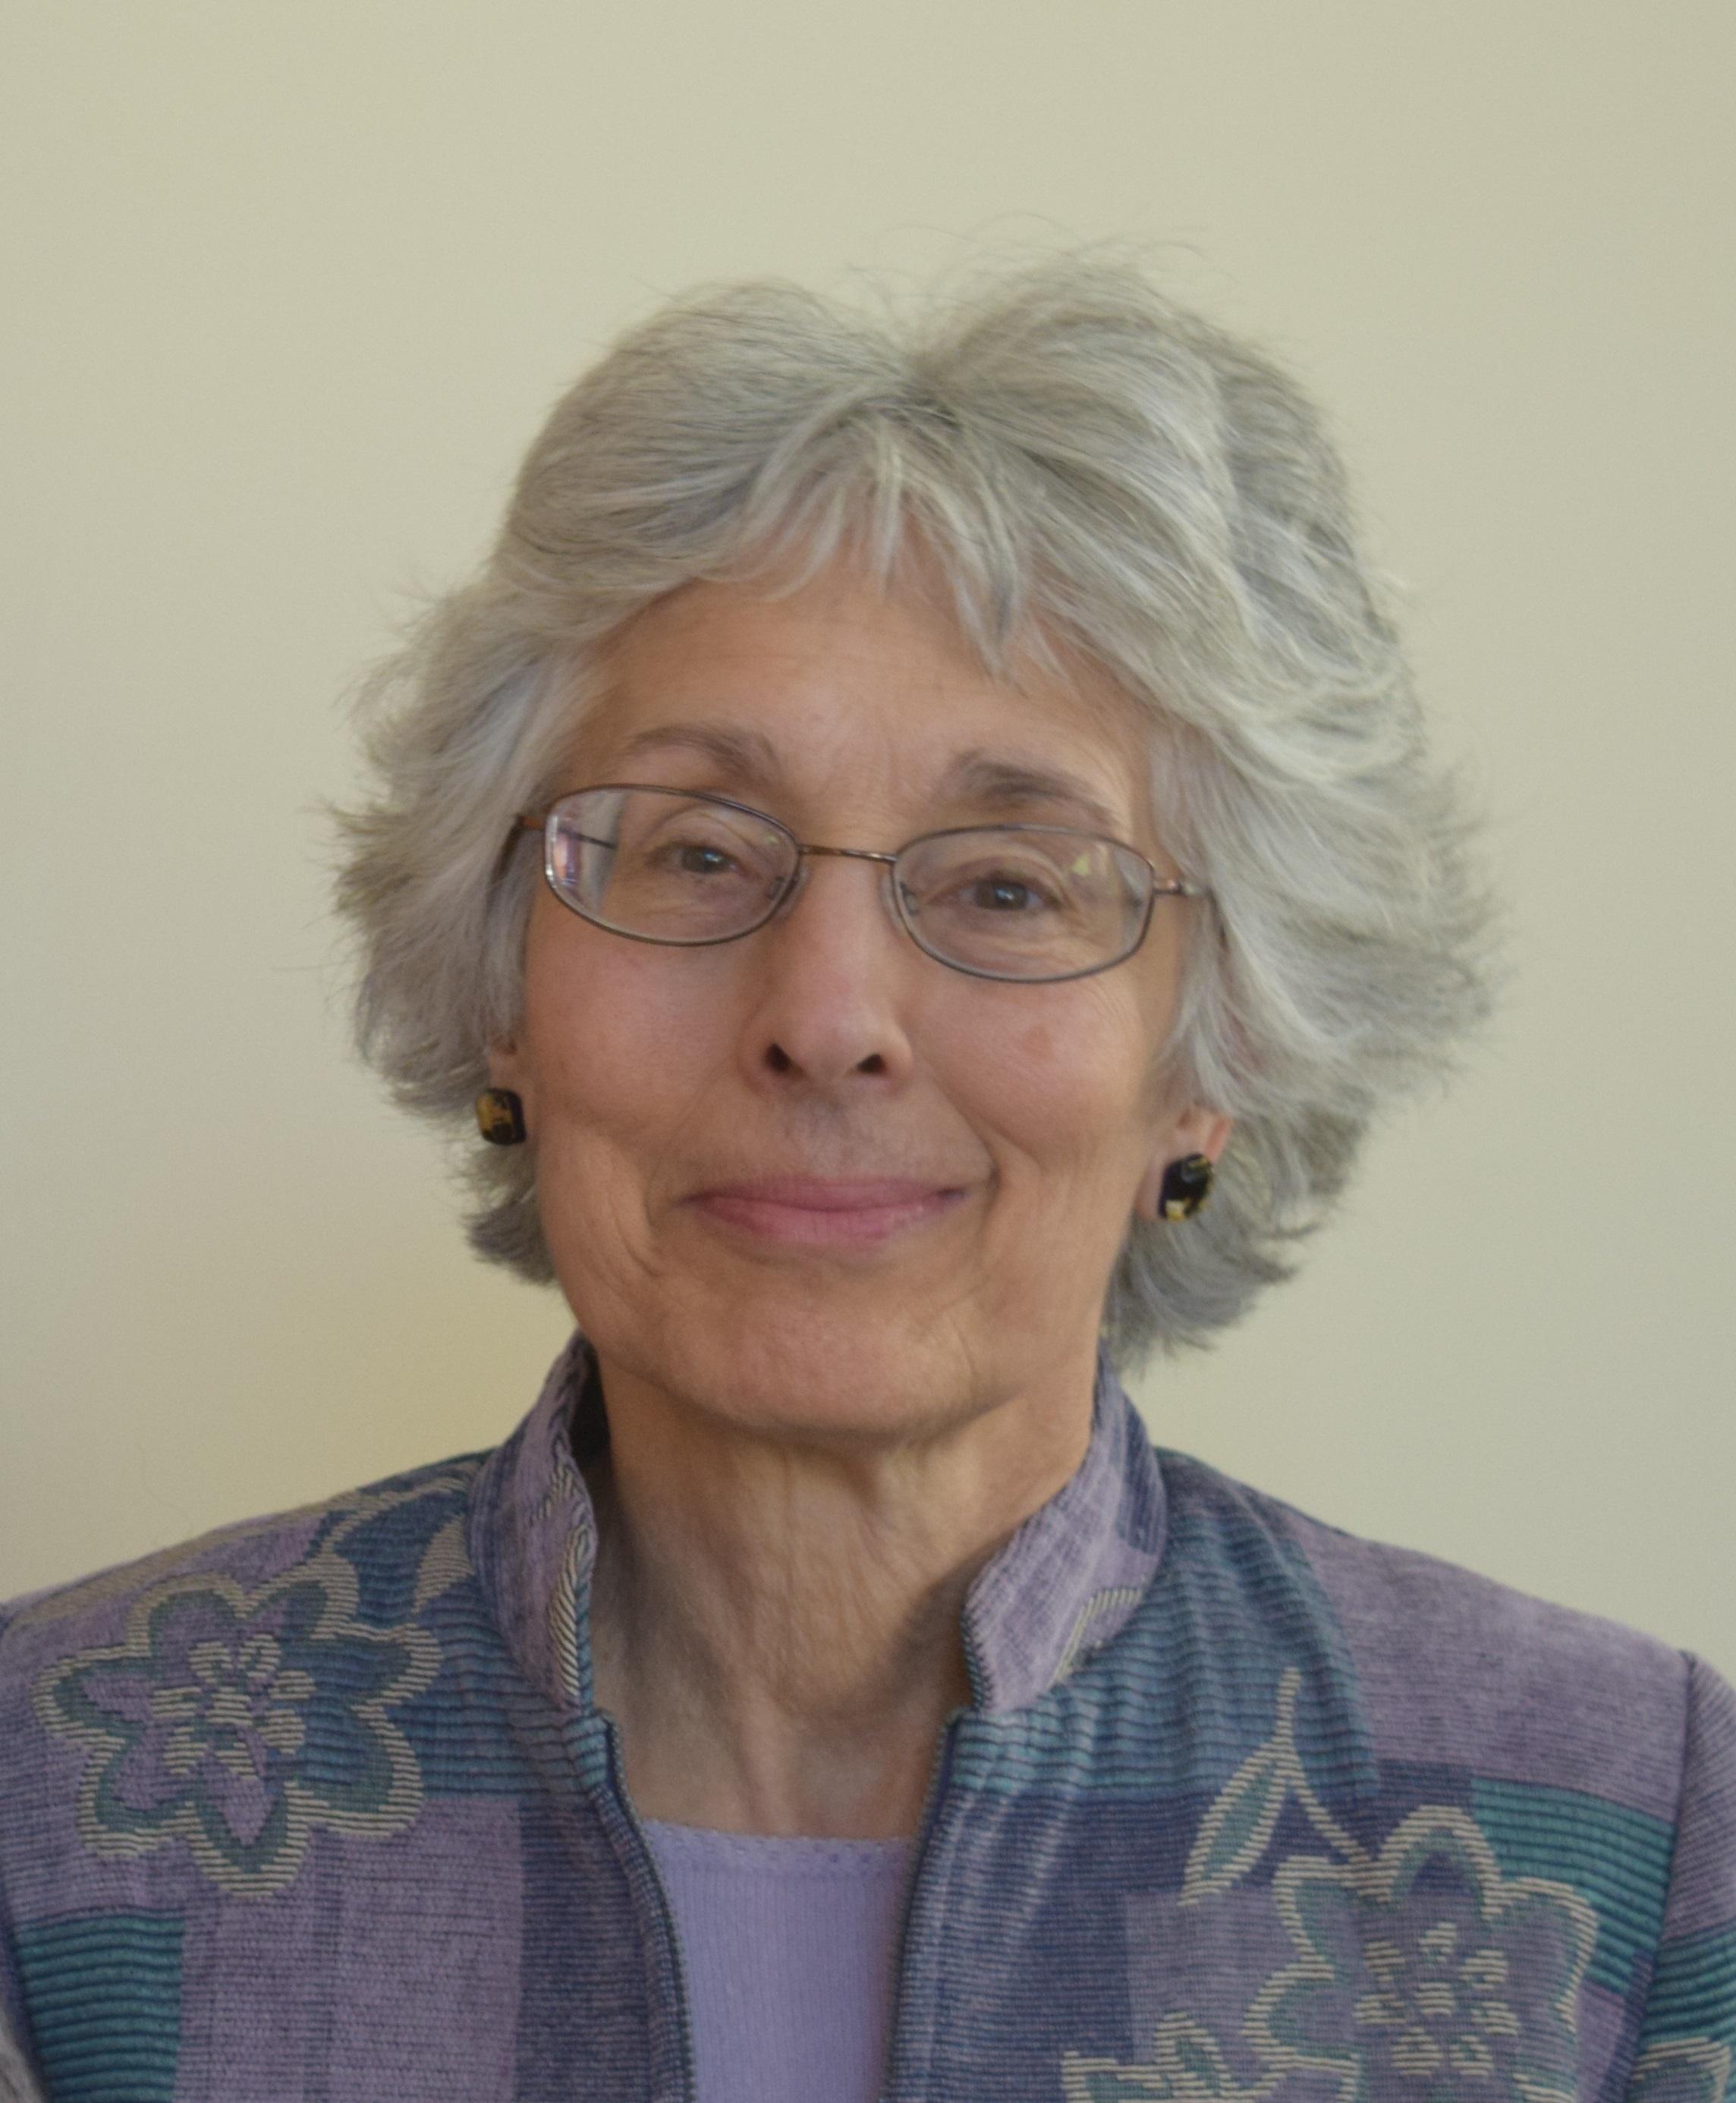 Judy Norsigian headshot RIC.jpg